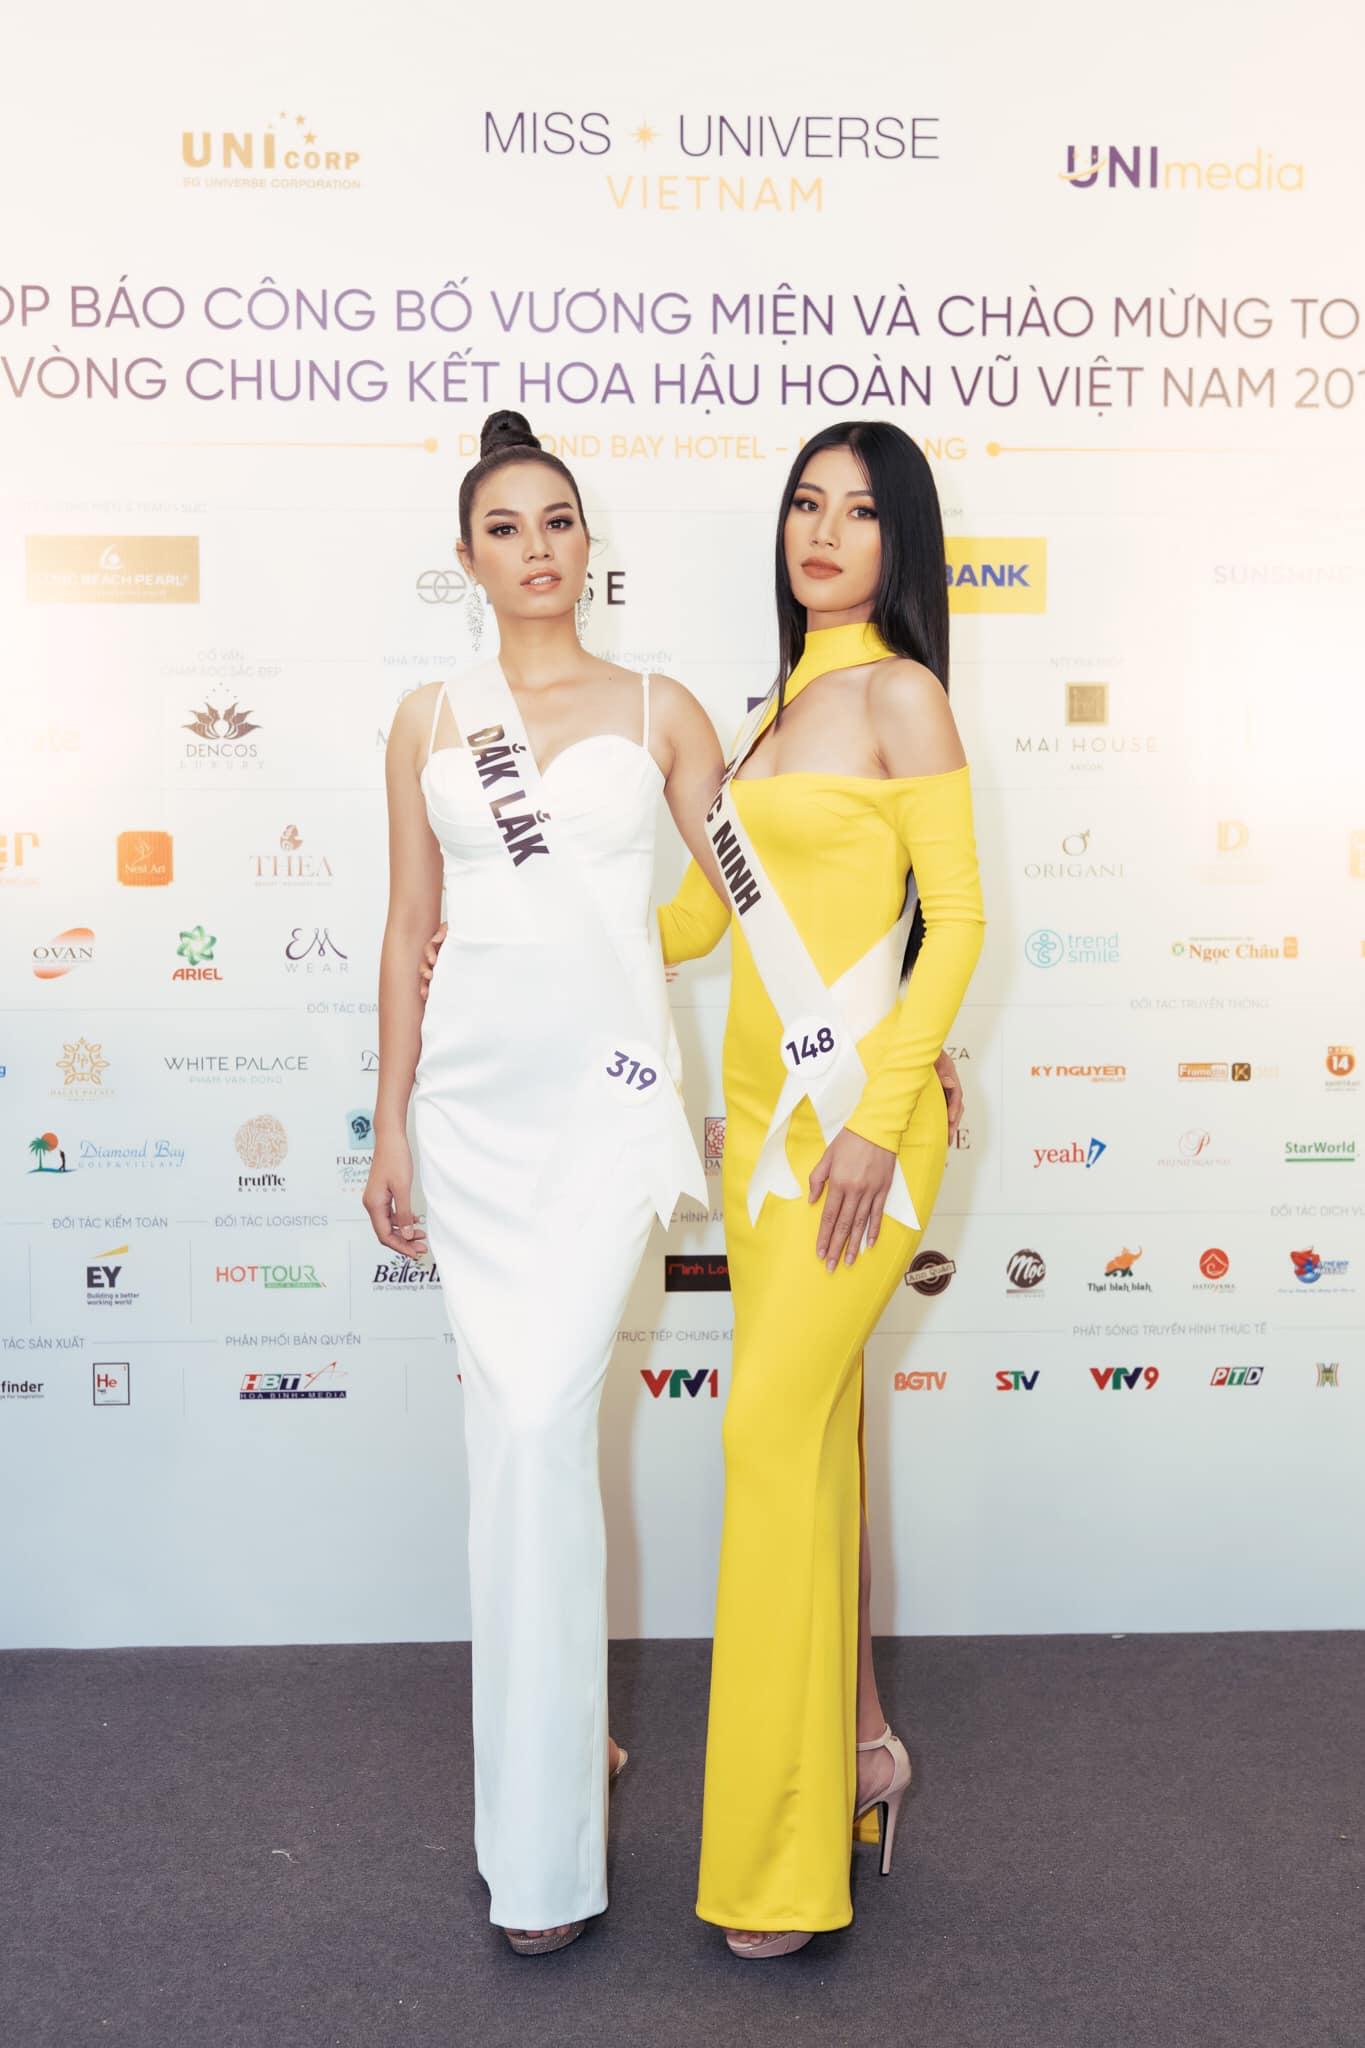 Các thí sinh Hoa hậu Hoàn vũ Việt Nam 2019 vui vẻ chụp hình bên nhau